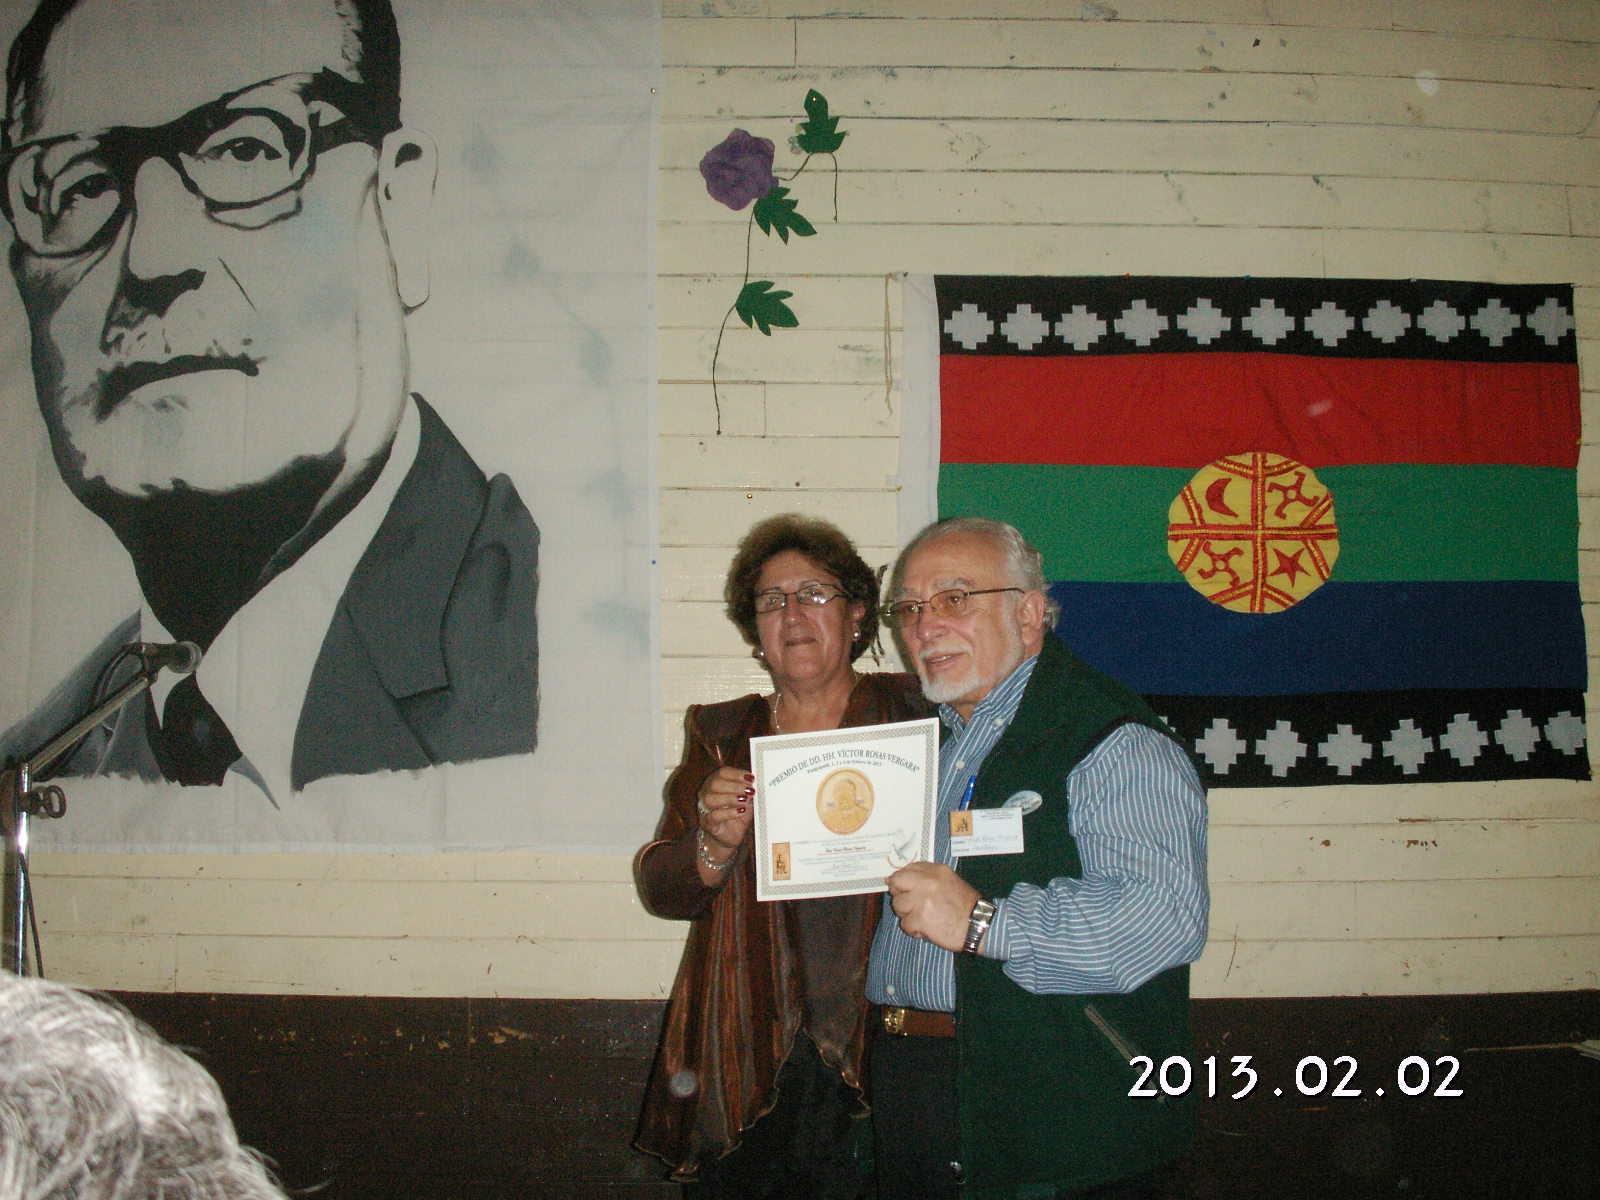 Reconocimiento a nuestro compañero Vicepresidente y Asesor Jurídico Victor Rosas Vergara